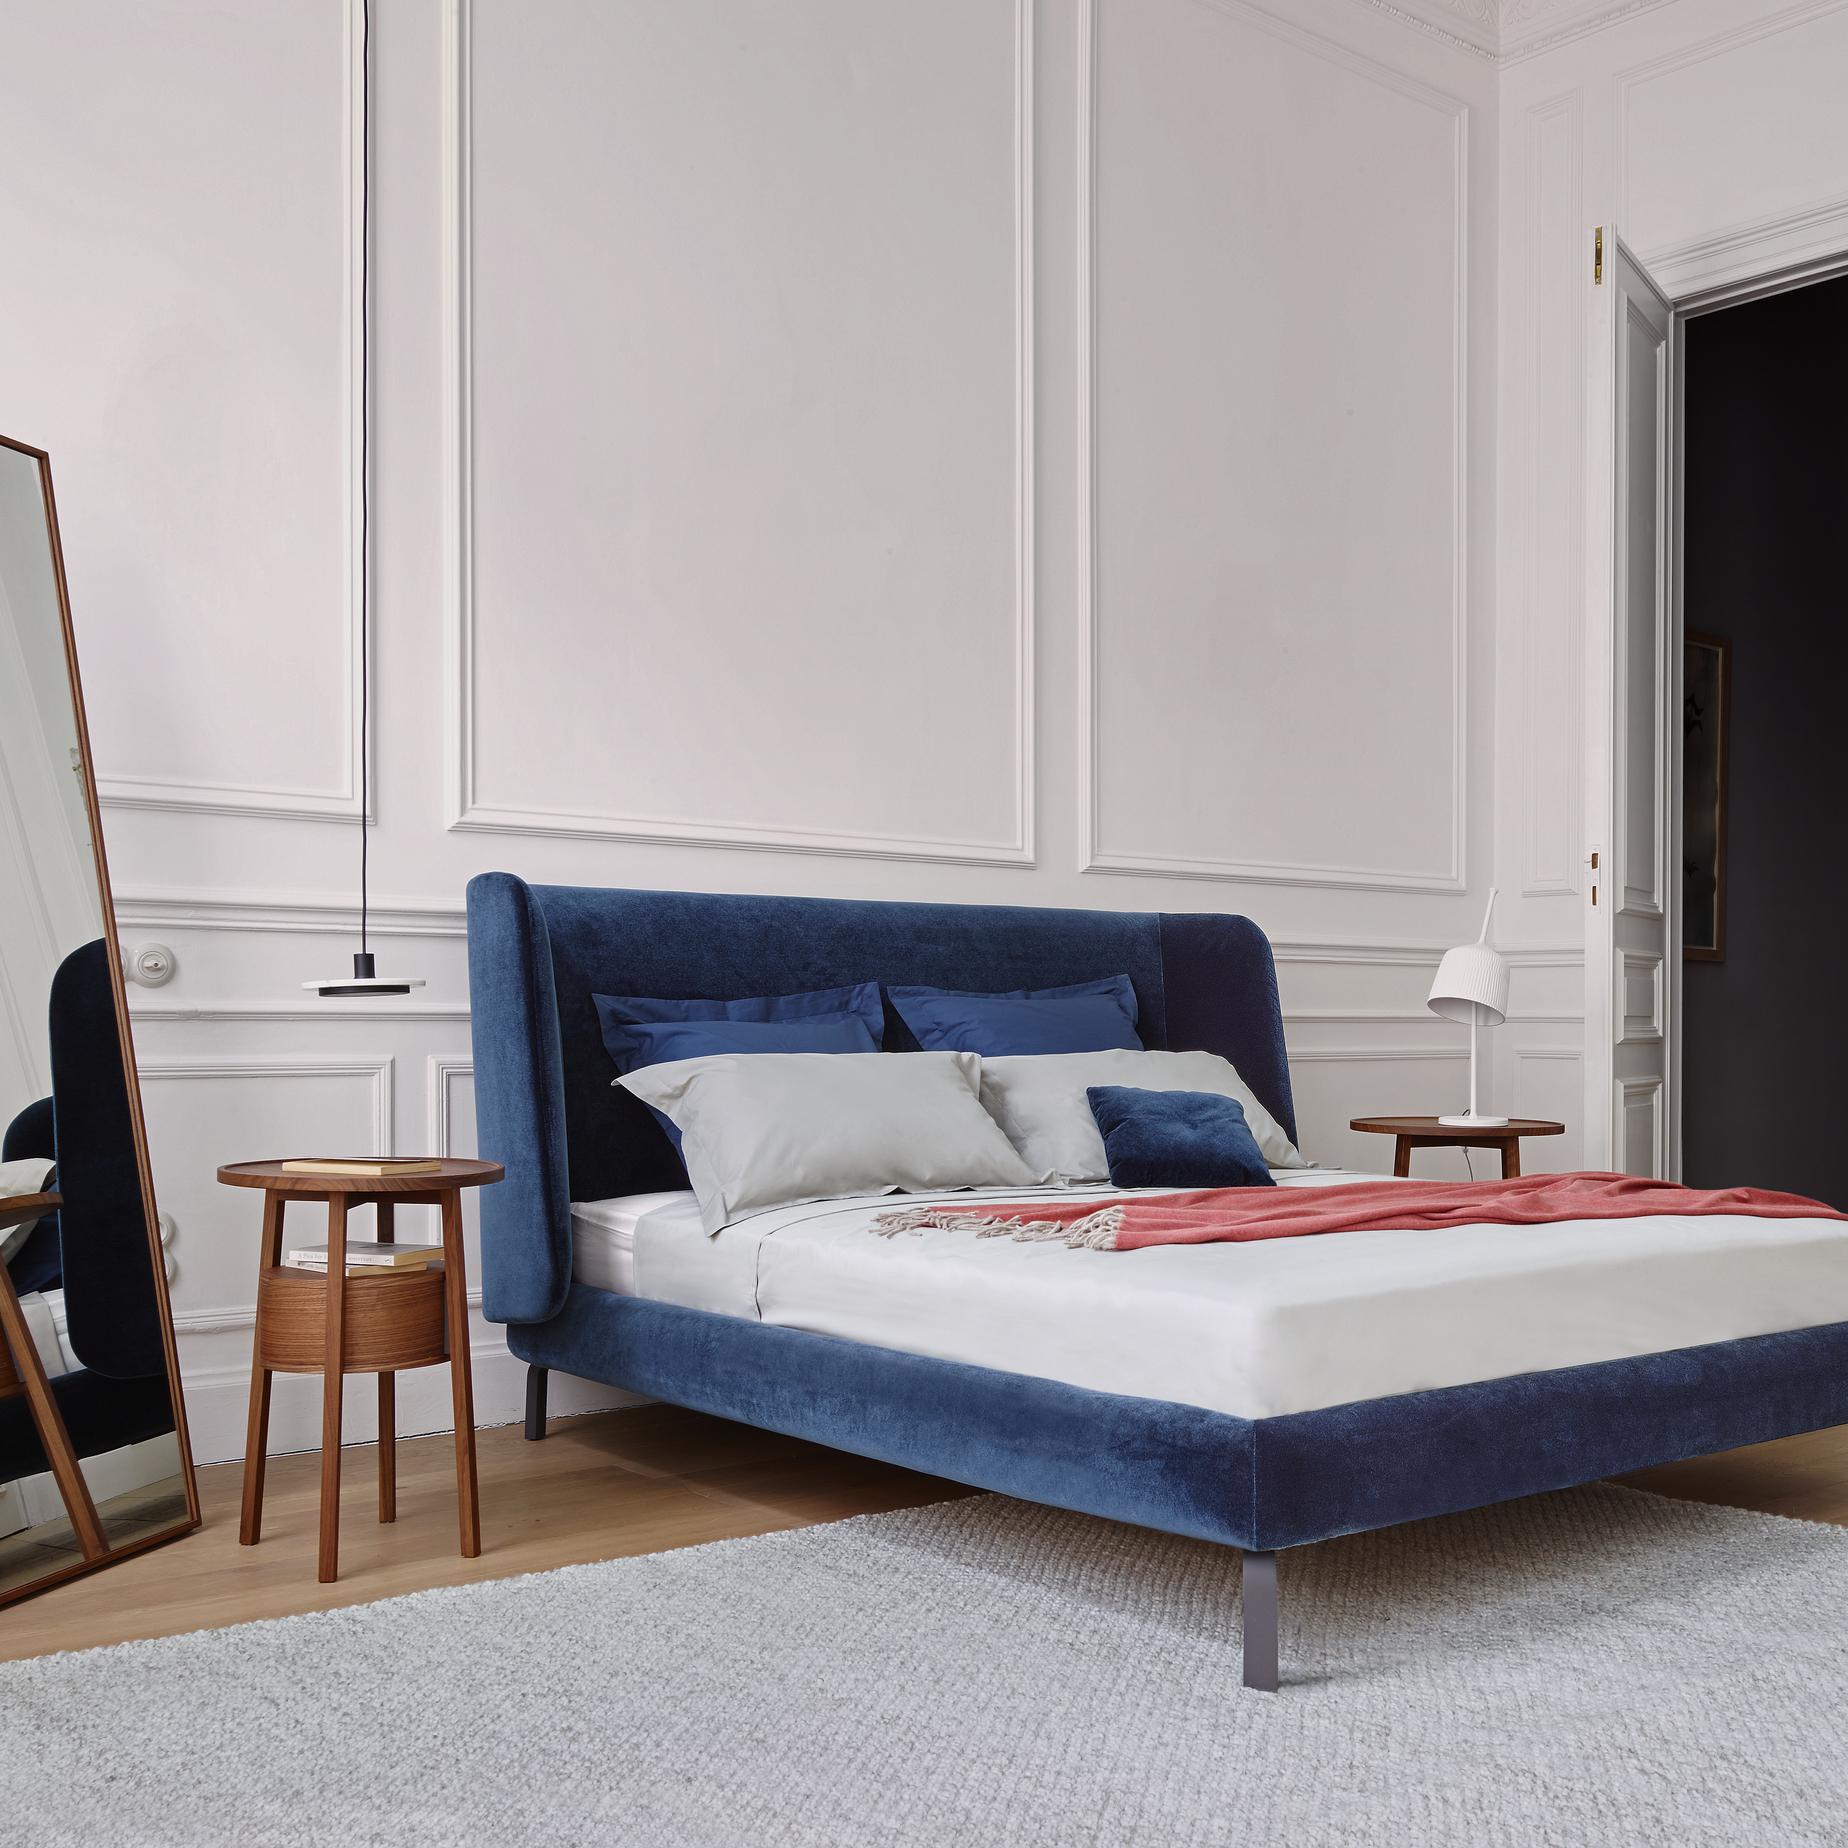 desdemone-bed-ligne-roset-high-end-modern-furniture-los-angeles-47ab